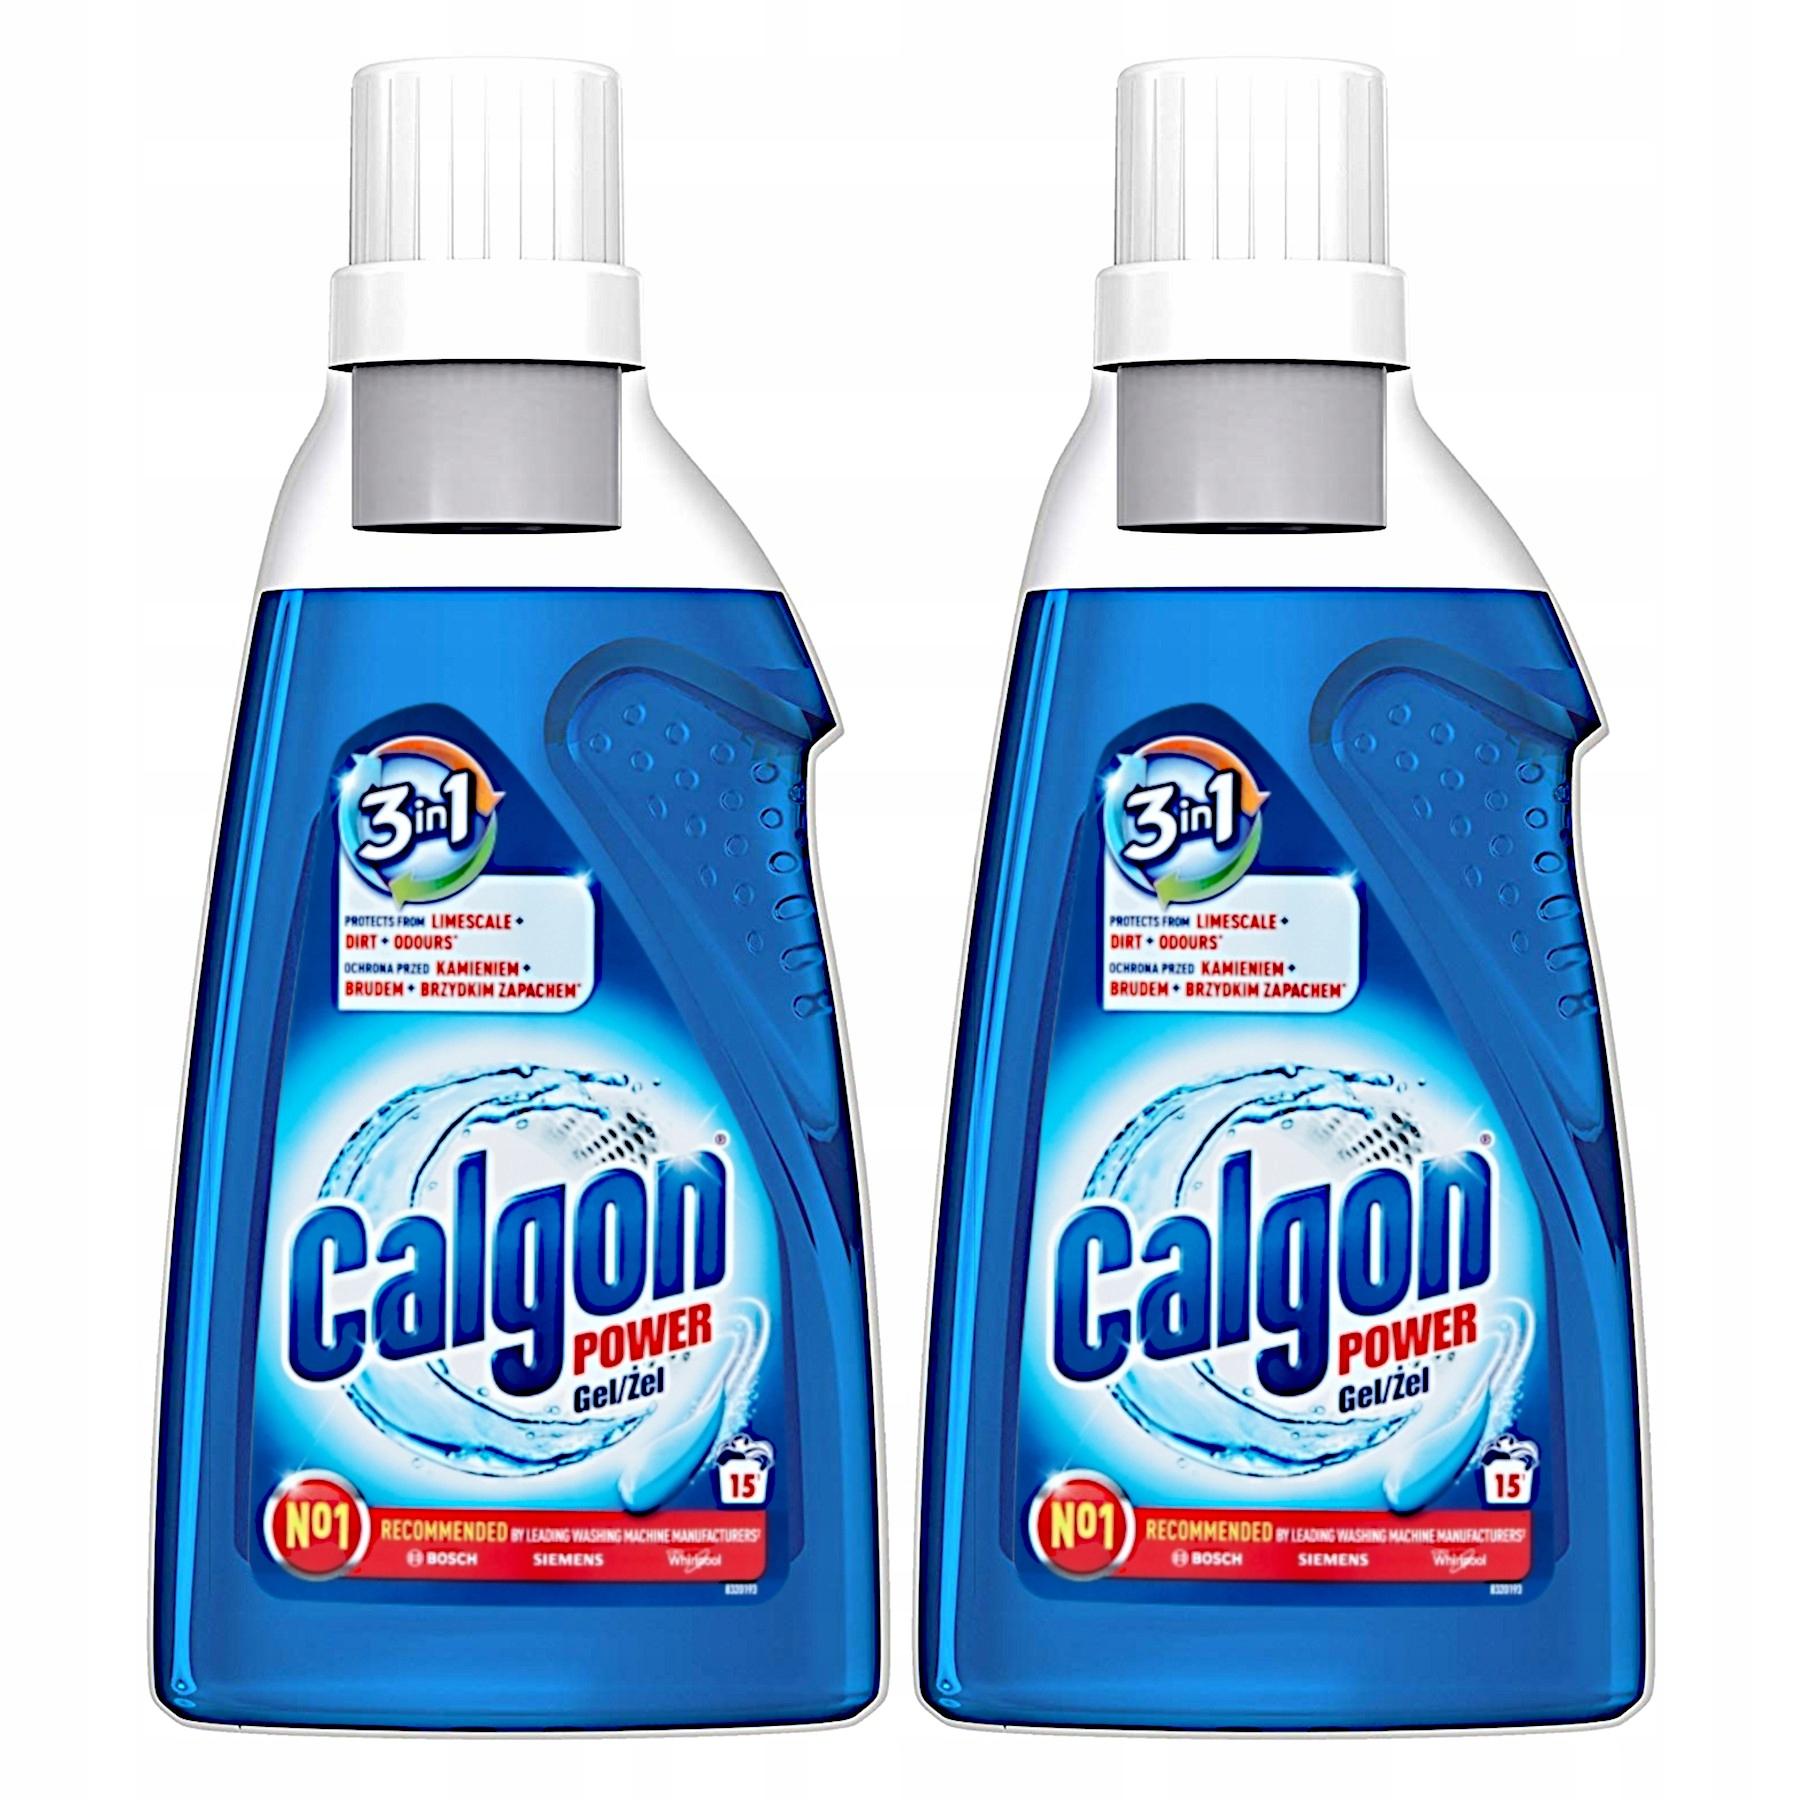 Calgon 2в1 Средство для удаления накипи Стиральной машины 2 х 750 = 1,5 Л